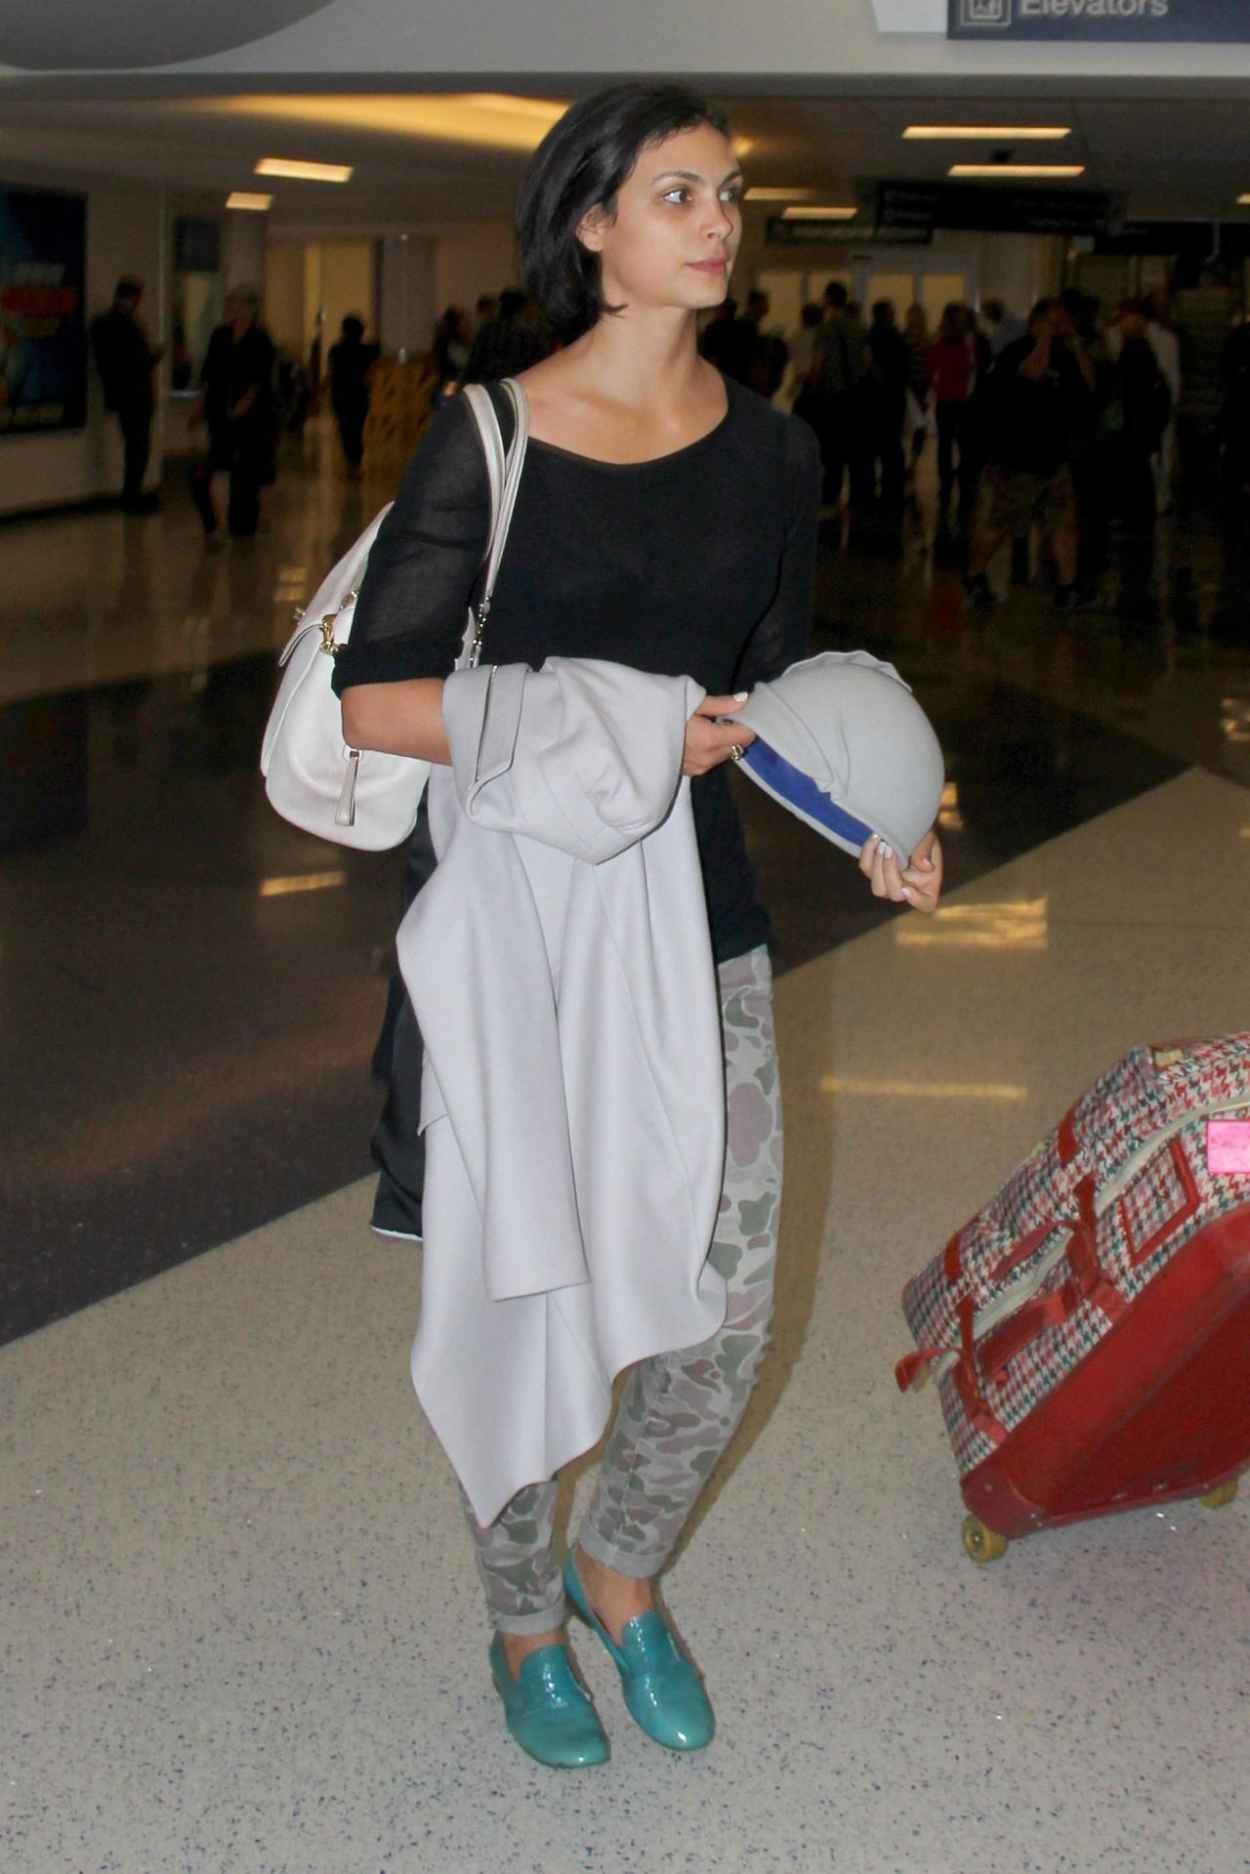 Morena Baccarin at LAX Airport - October 2015-1